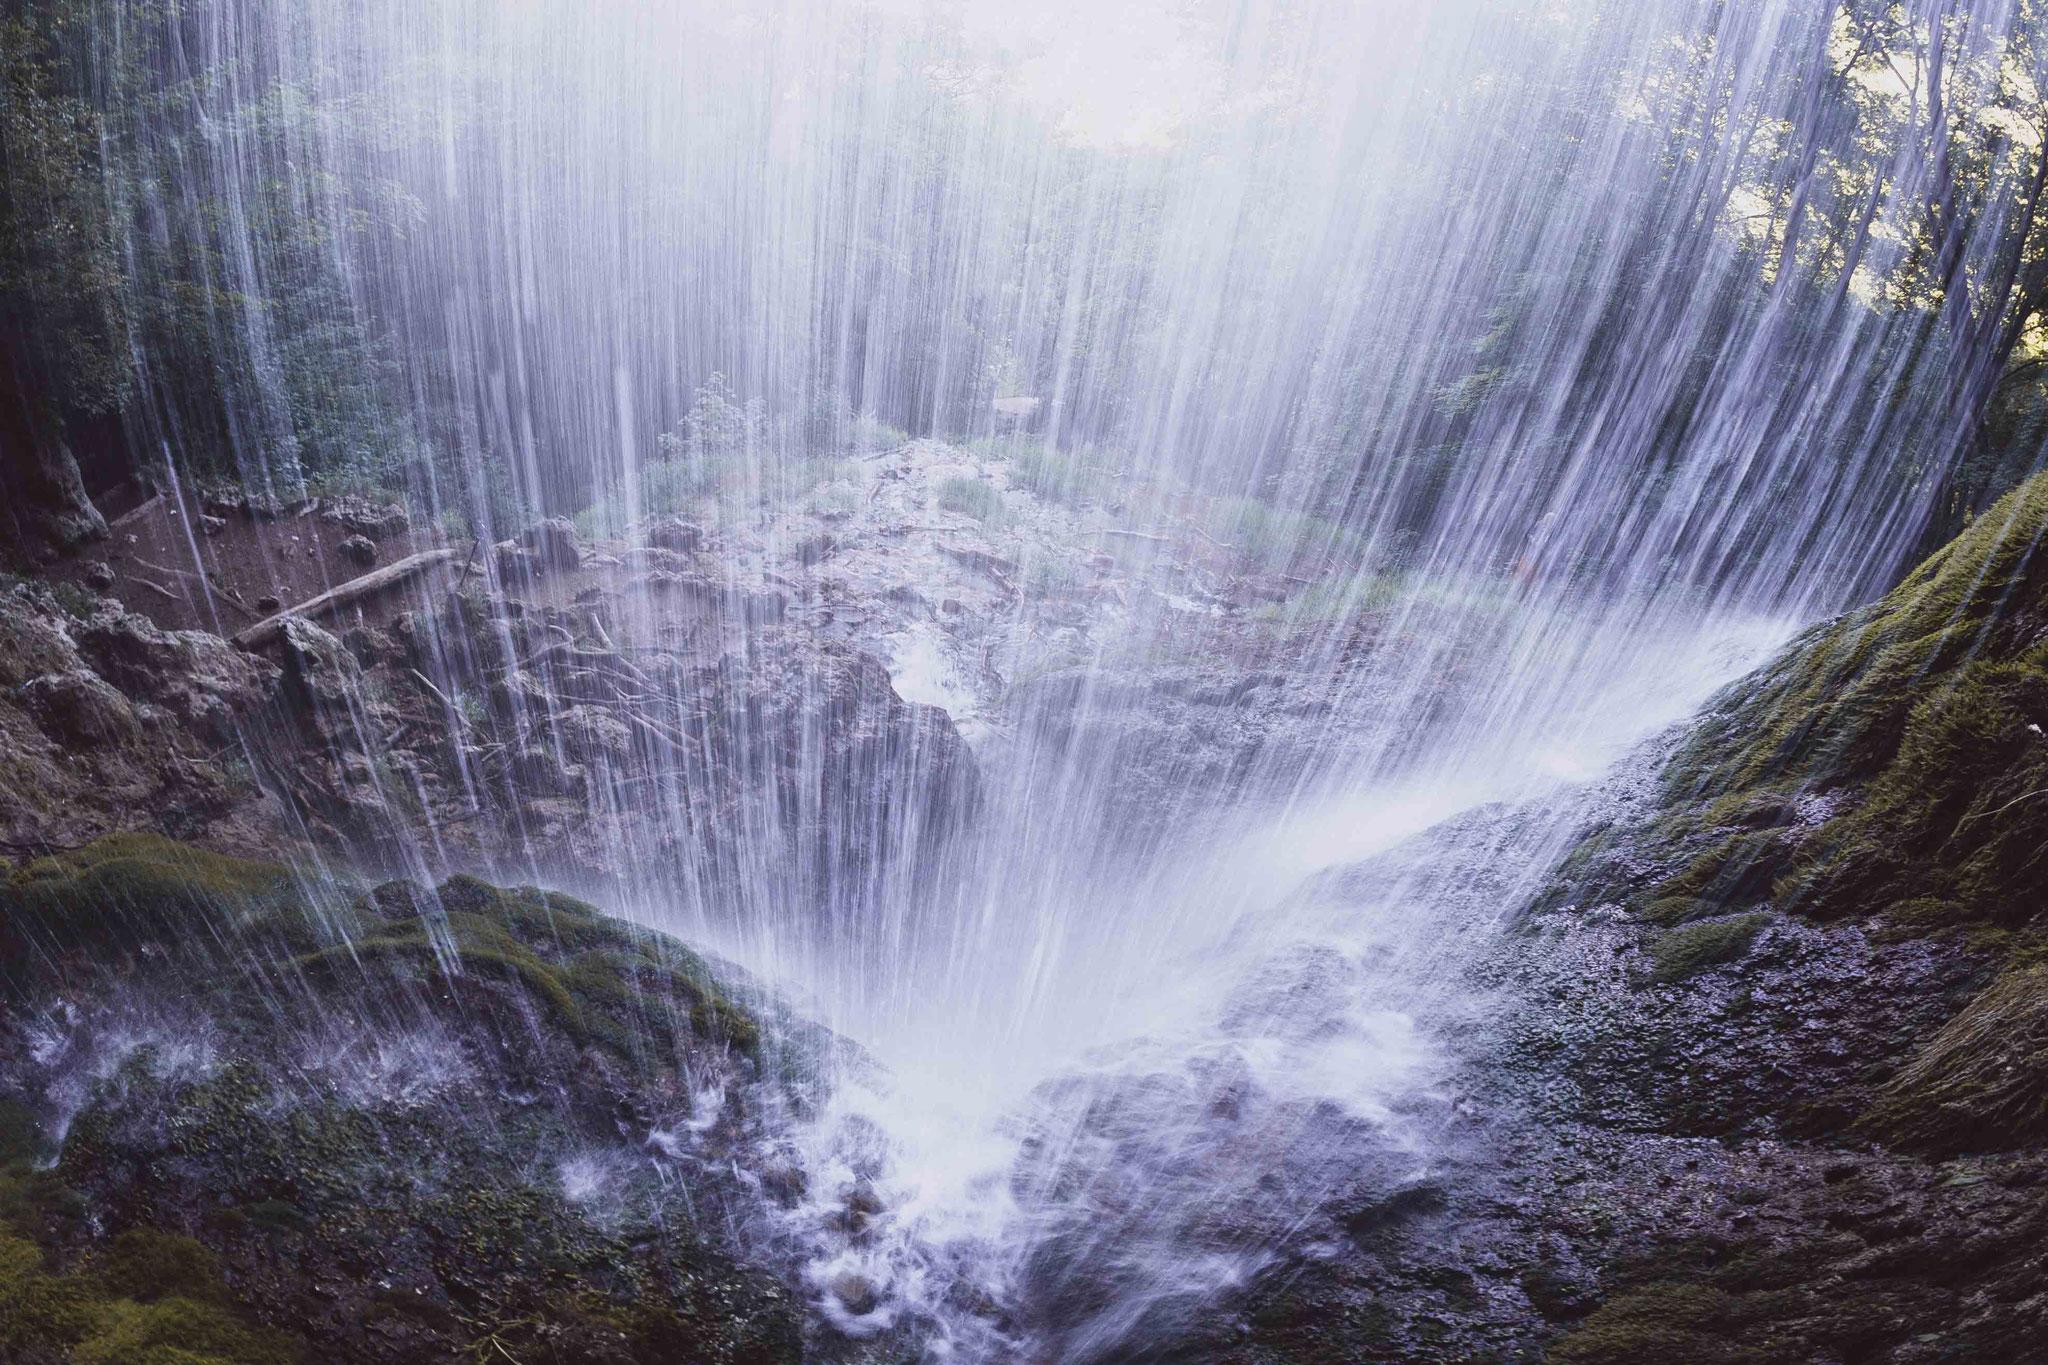 Hinter dem Vorhang; Wasserfall Bad Urach